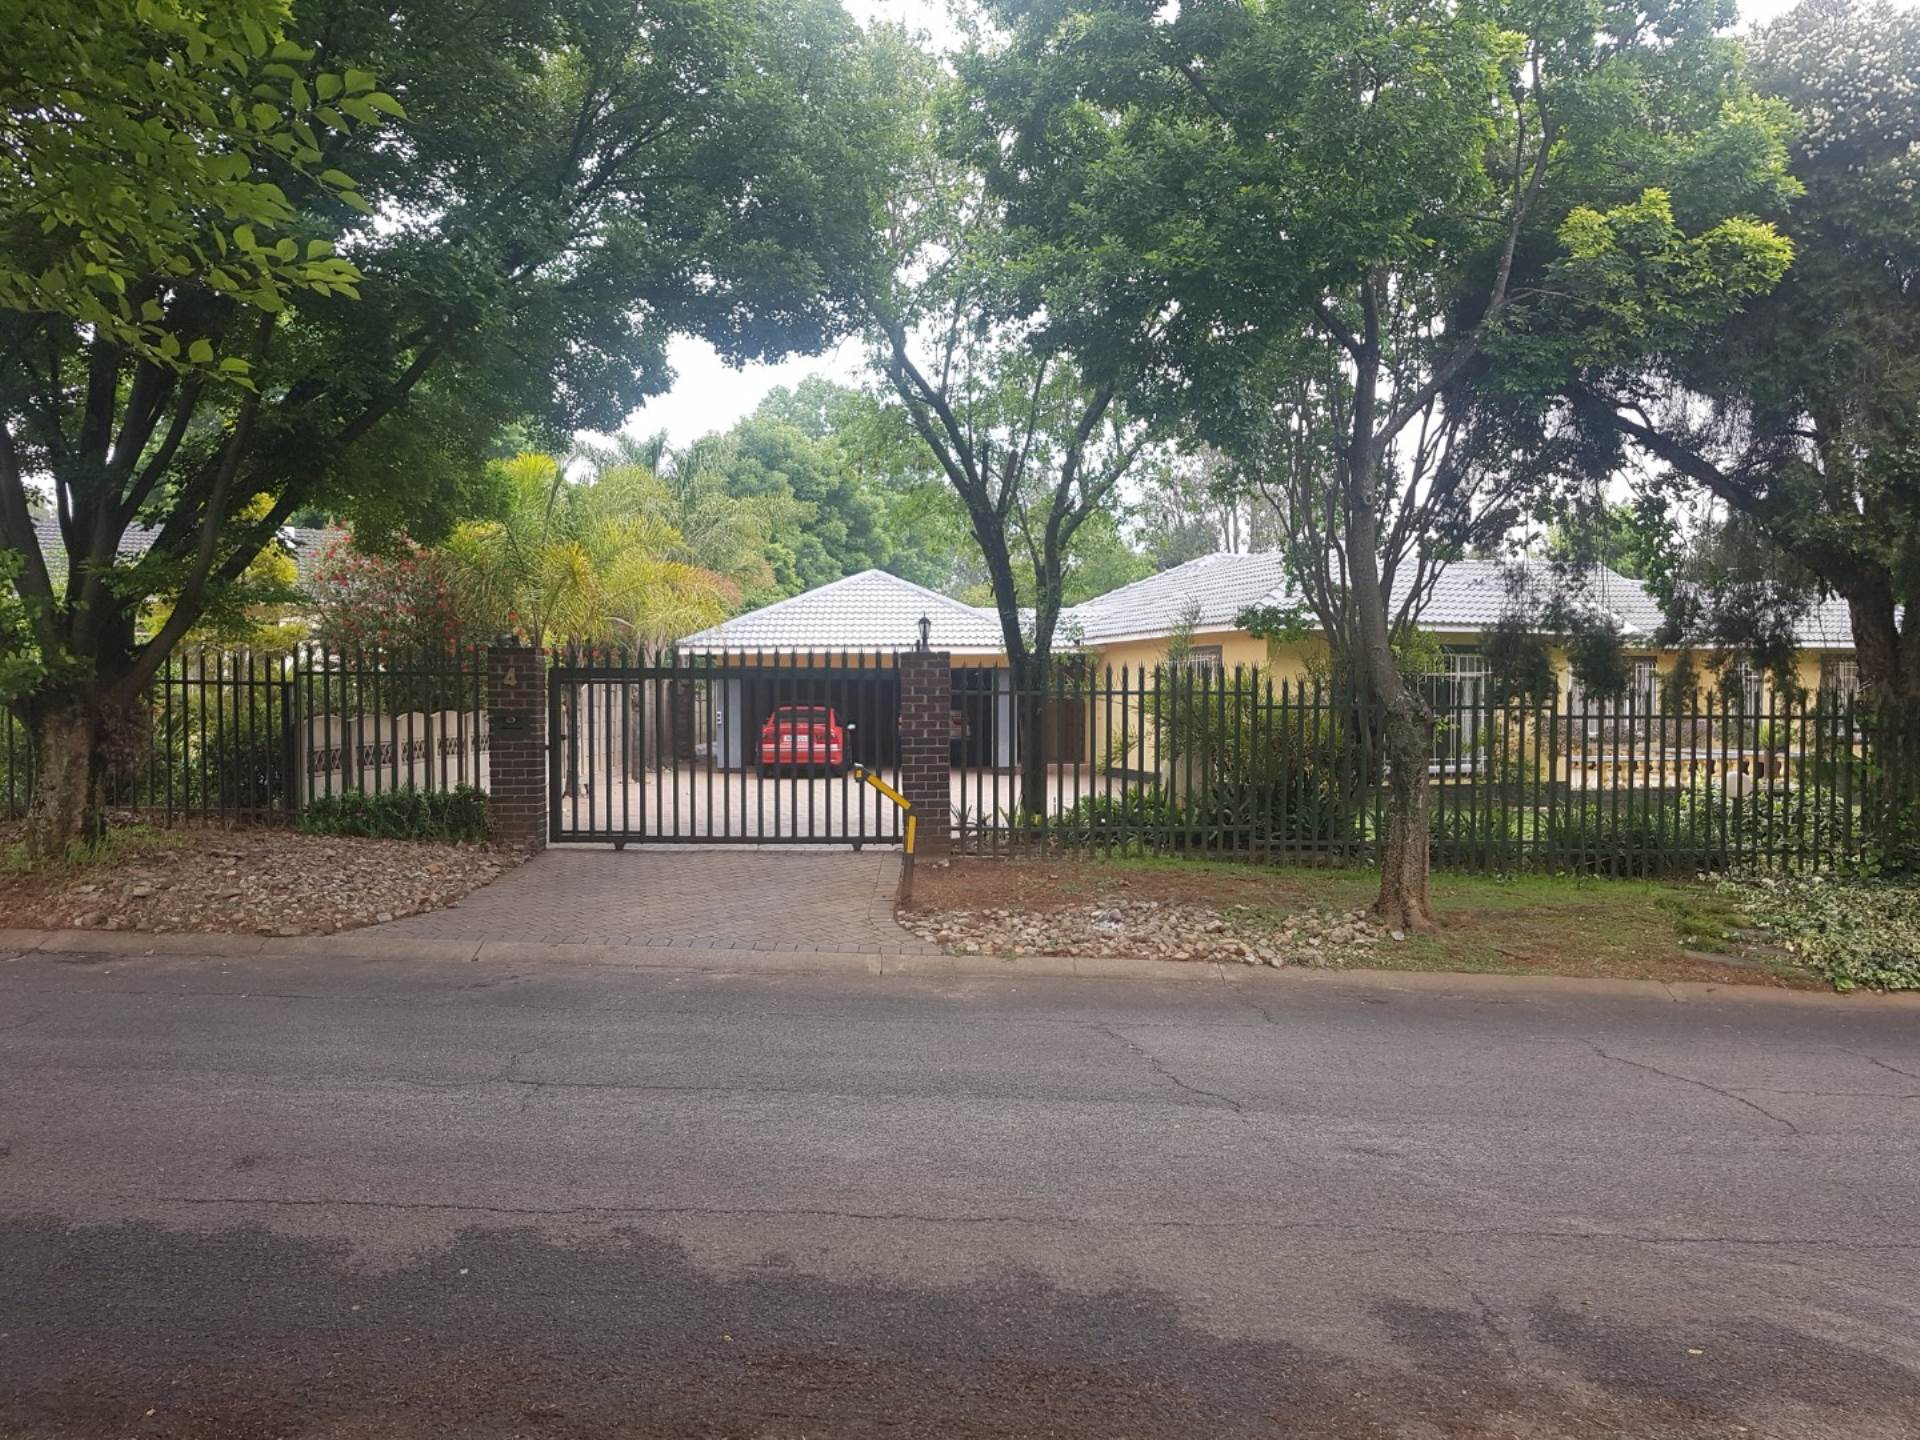 3 BedroomHouse For Sale In Allen Grove